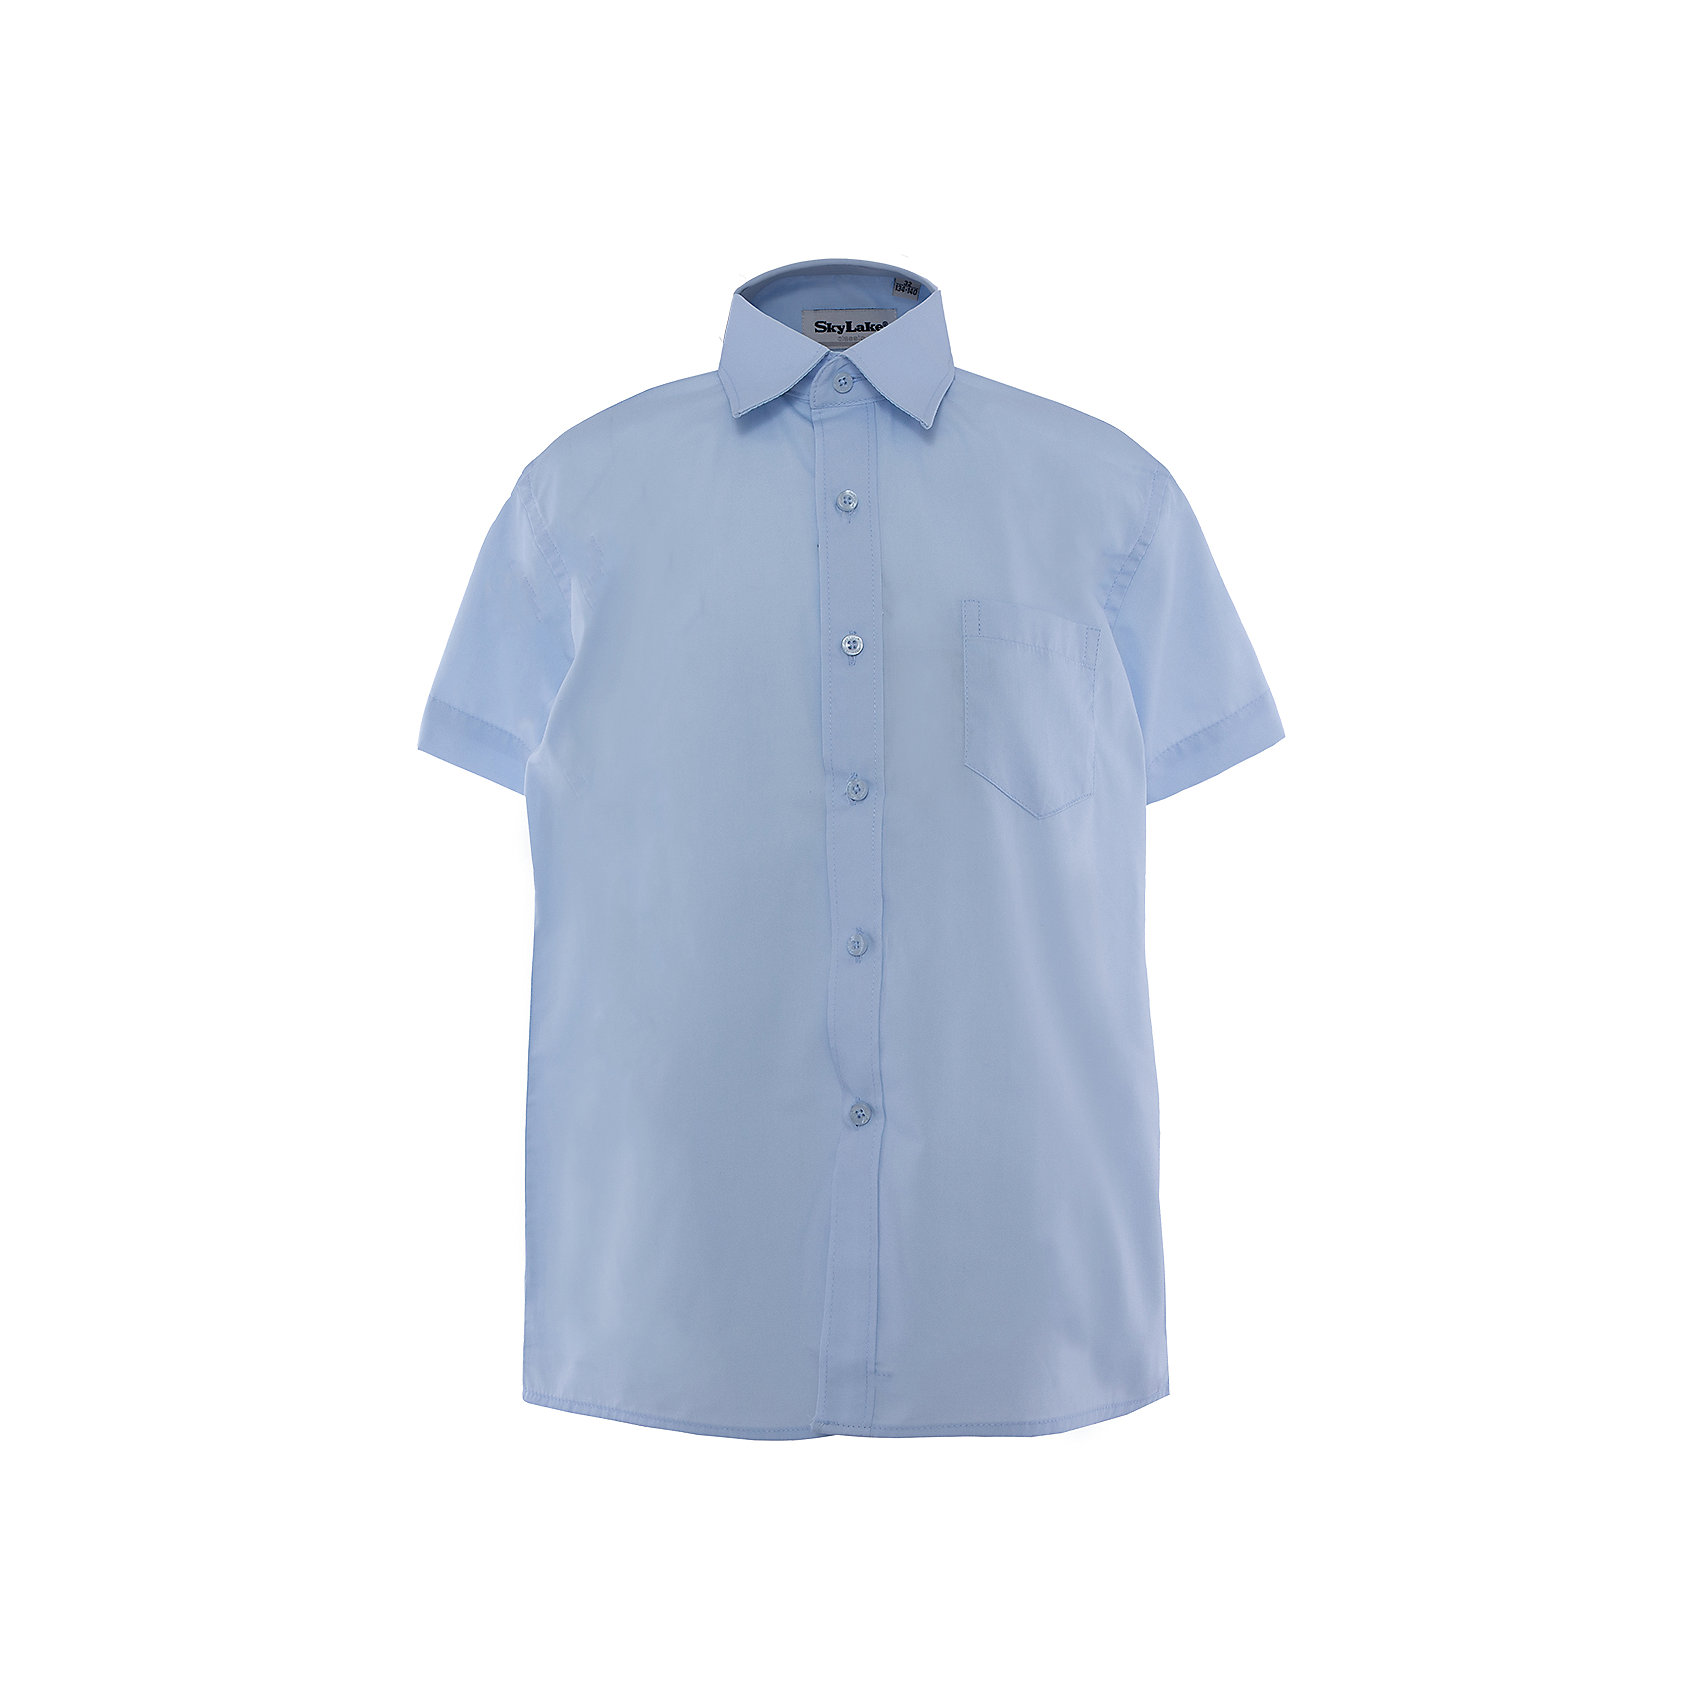 Рубашка для мальчика SkylakeСорочка классическая для мальчика<br>Состав:<br>80% хлопок, 20% п/э<br><br>Ширина мм: 174<br>Глубина мм: 10<br>Высота мм: 169<br>Вес г: 157<br>Цвет: голубой<br>Возраст от месяцев: 96<br>Возраст до месяцев: 108<br>Пол: Мужской<br>Возраст: Детский<br>Размер: 134,122,128,140,158,152,146<br>SKU: 4877743